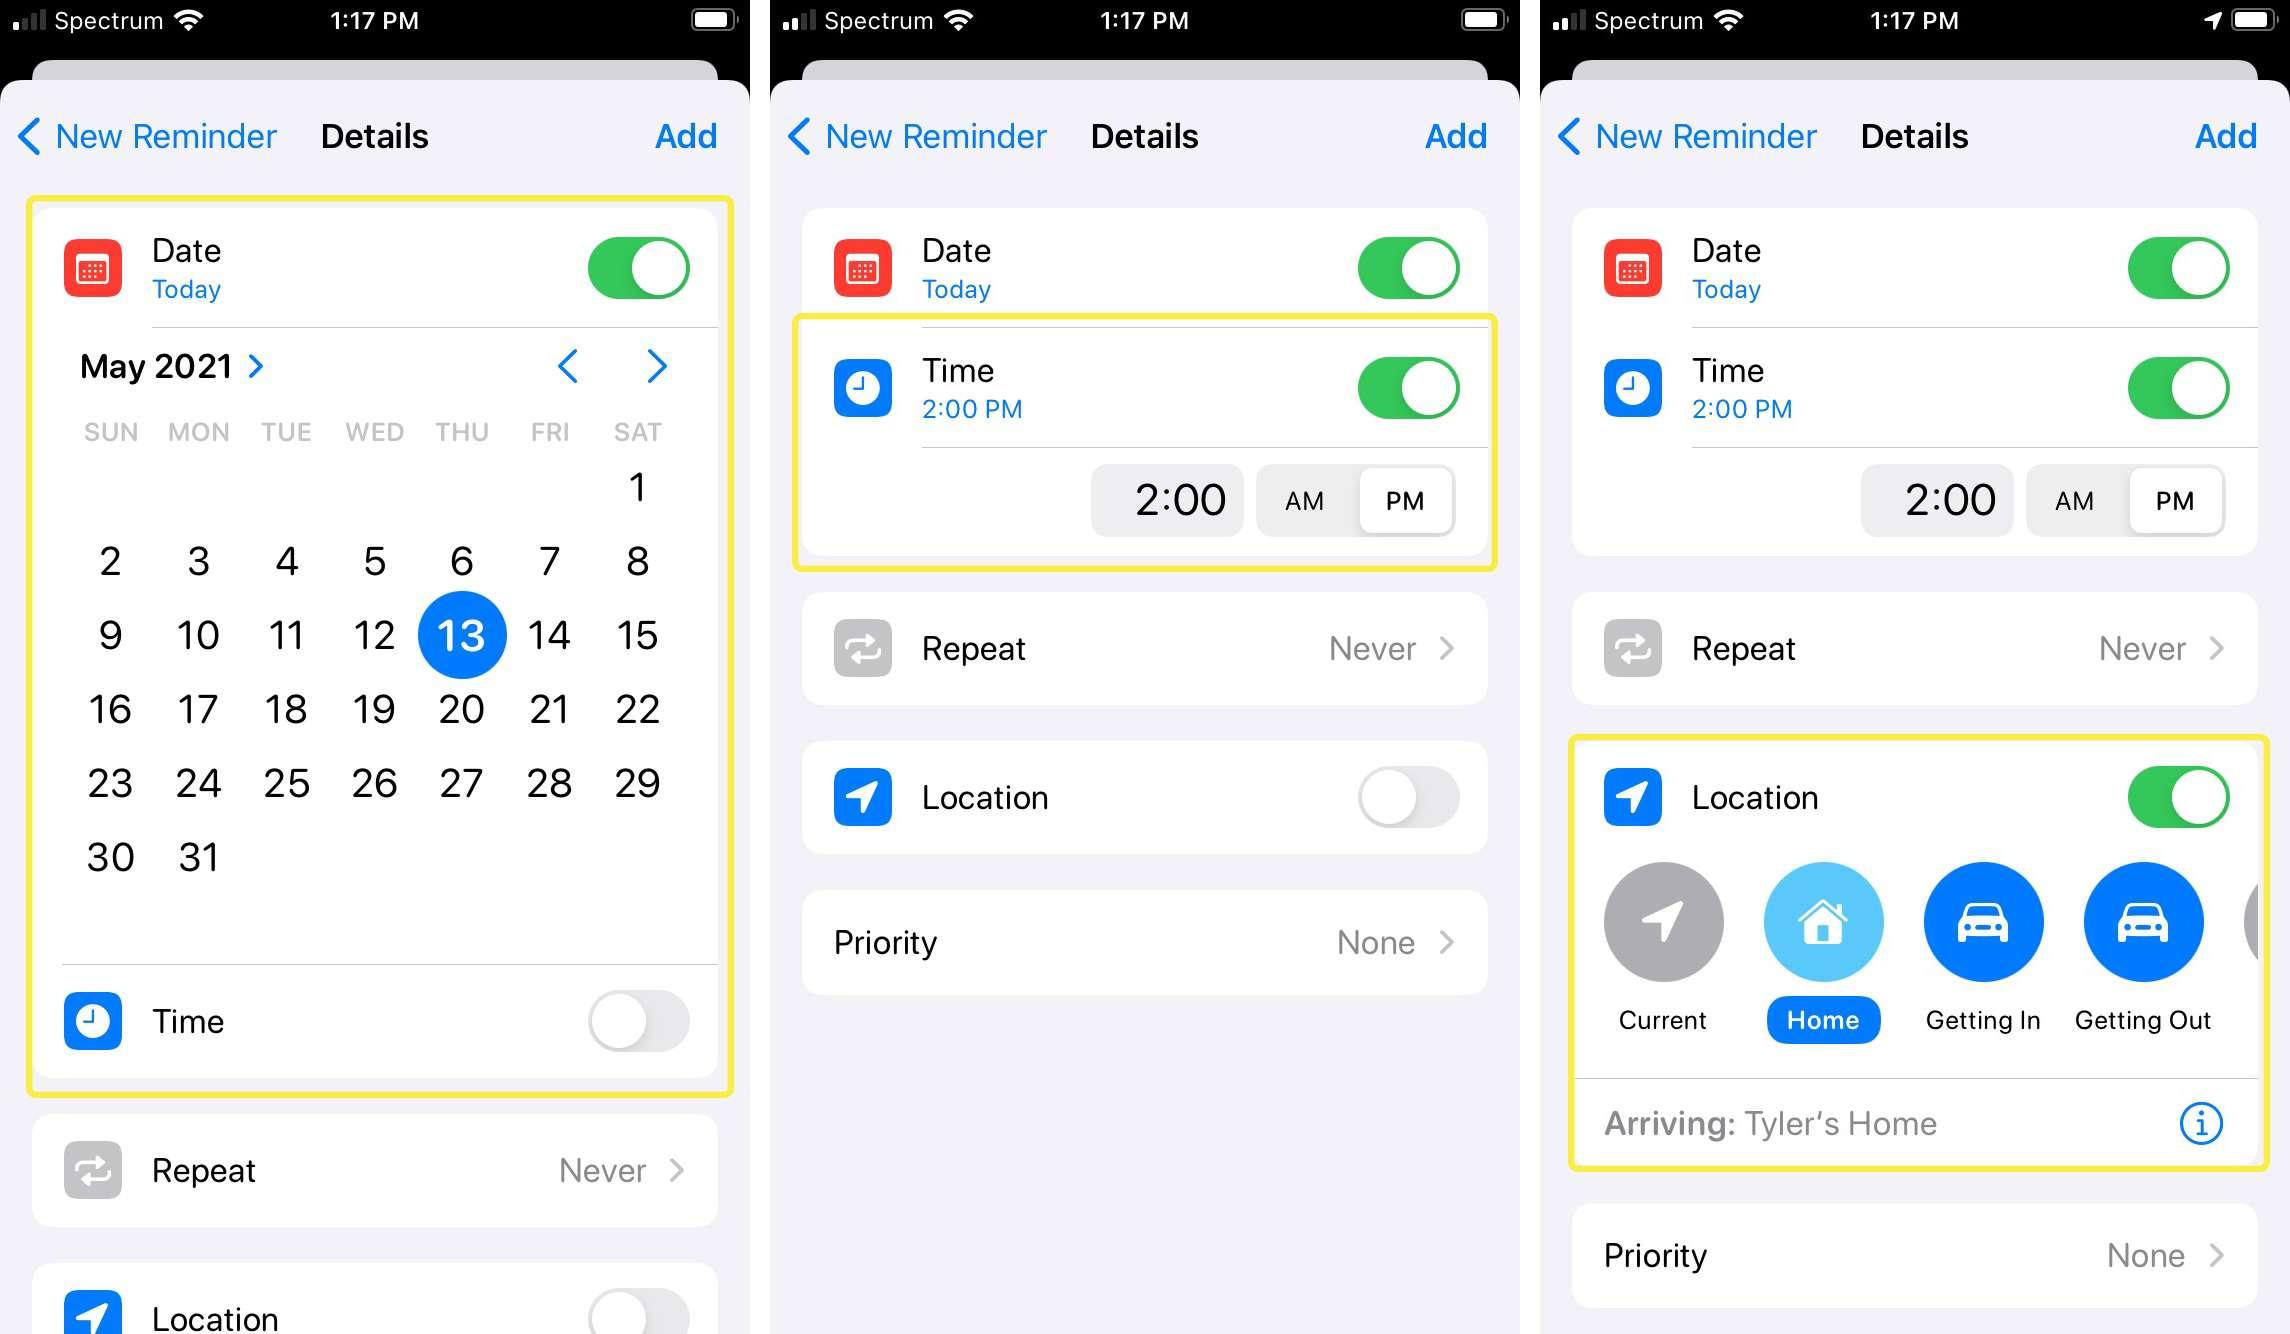 iPhone set reminder details